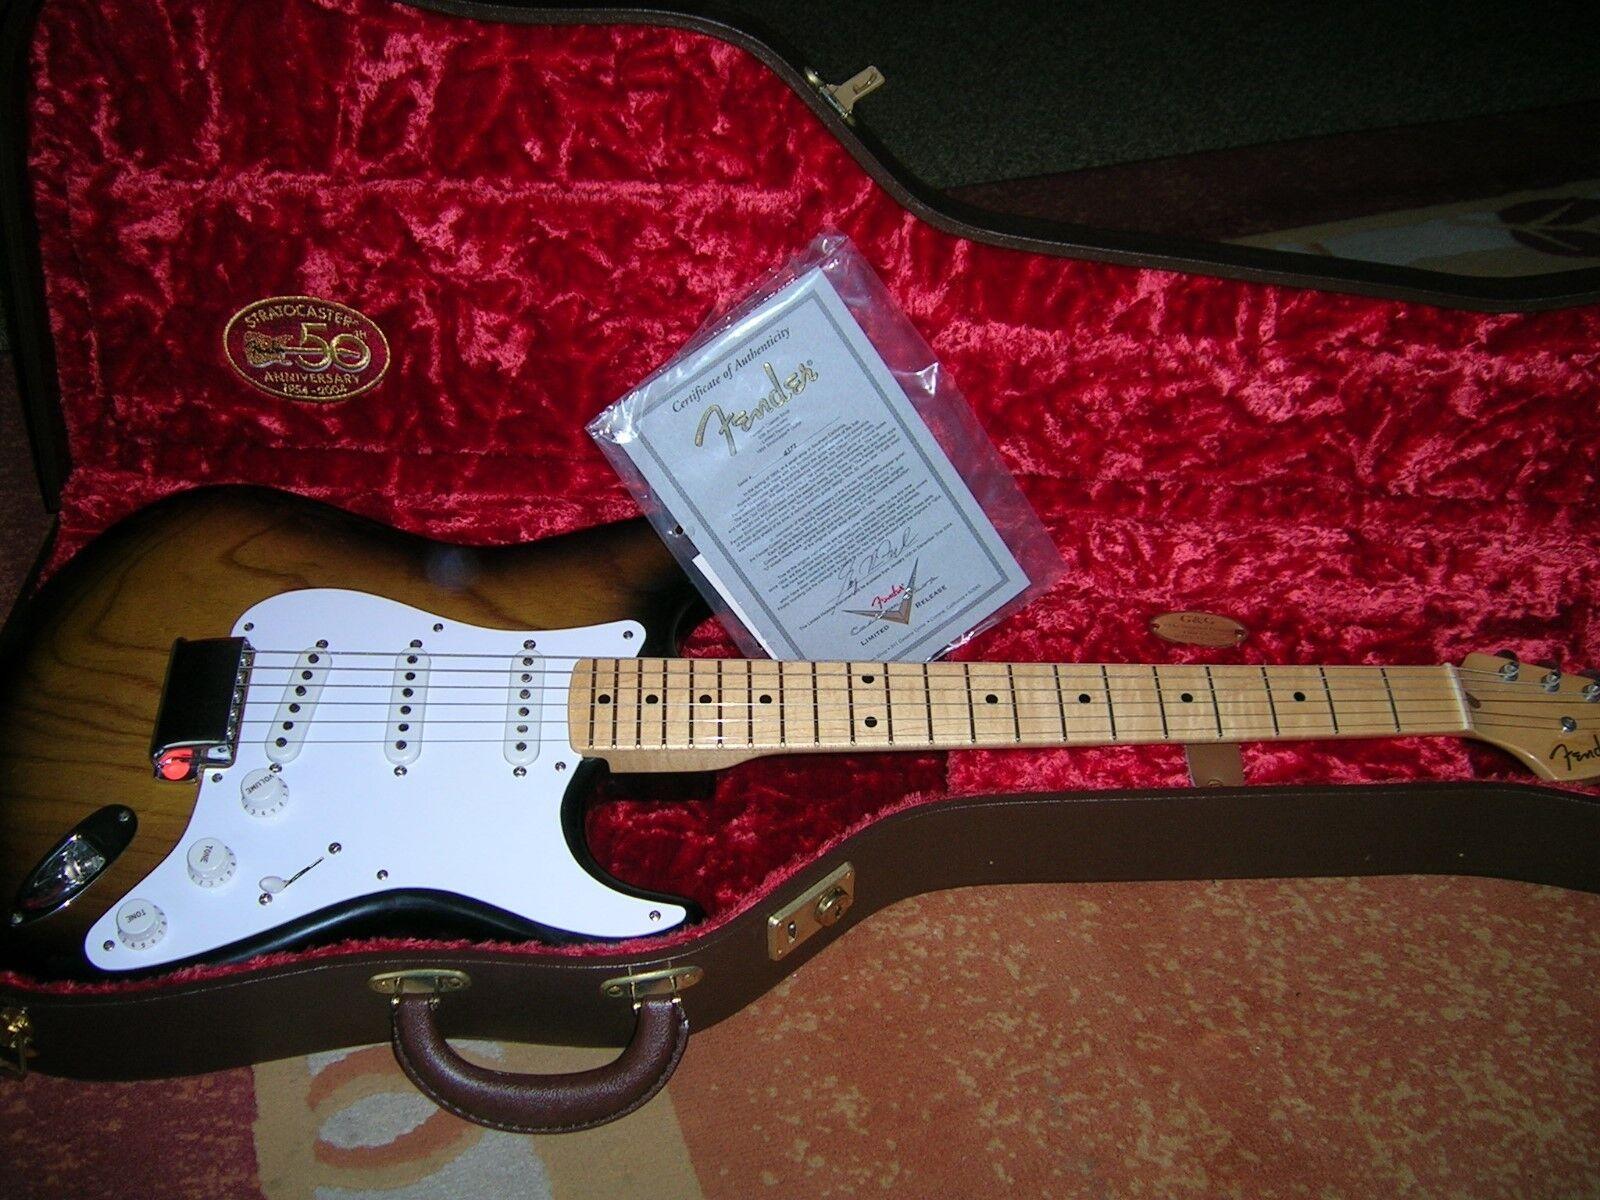 Fender Custom Shop 1954 Stratocaster 50th Anniversary Masterbuilt Greg Fessler